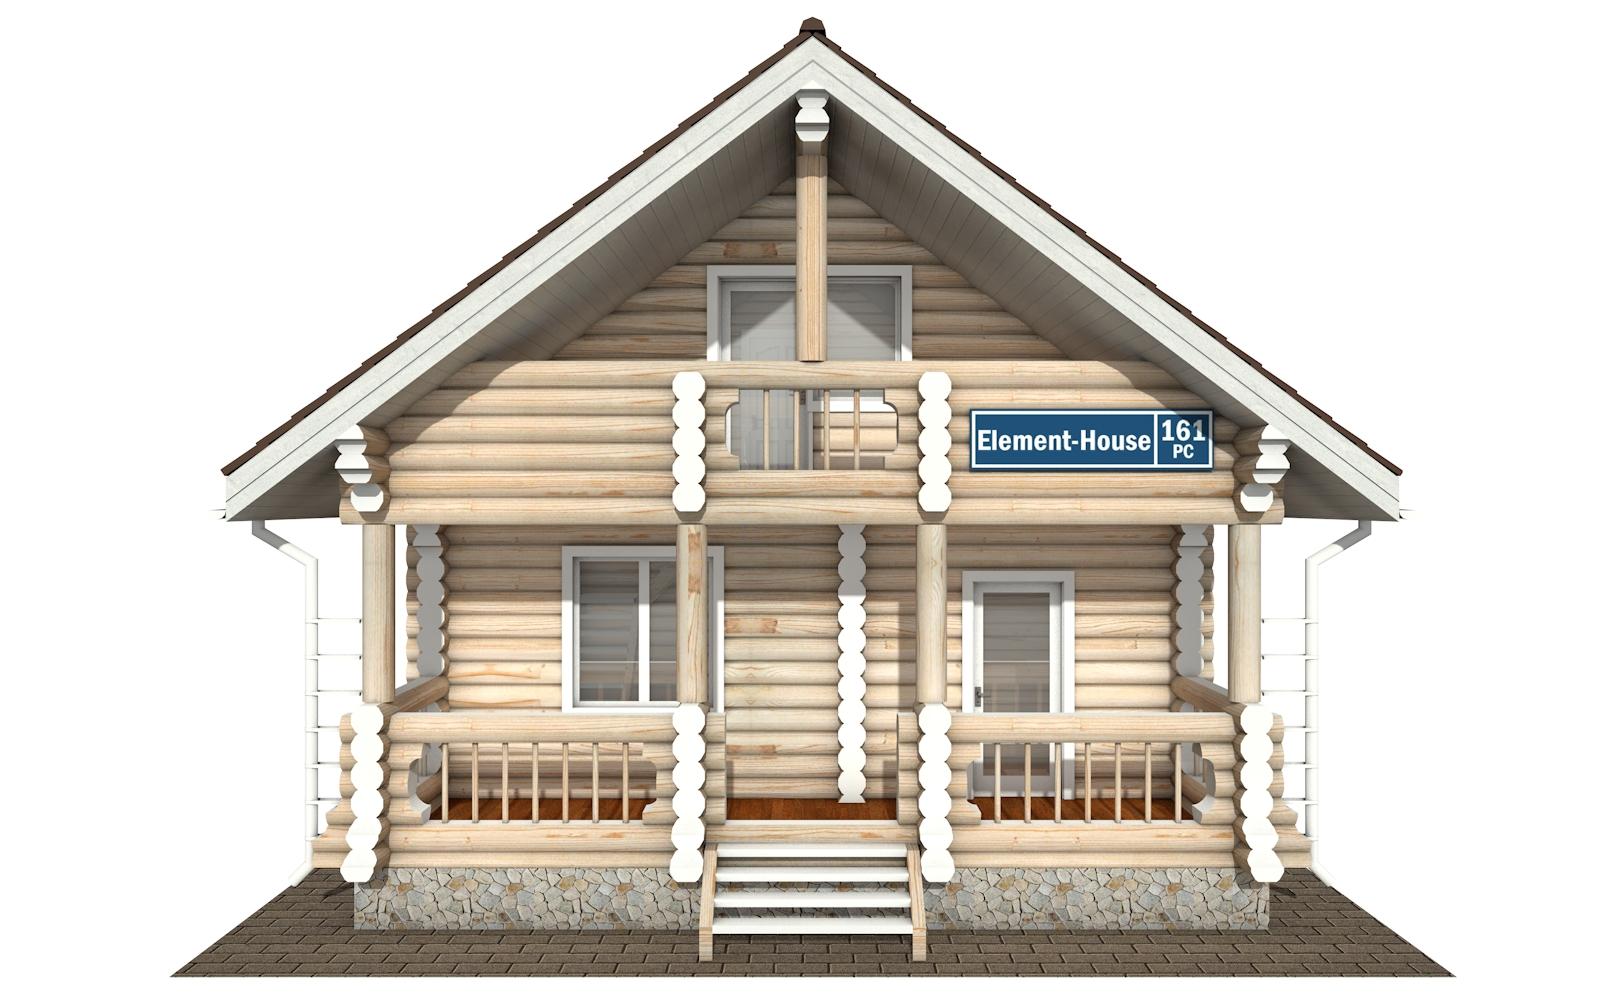 Фото #7: Красивый деревянный дом РС-161 из бревна